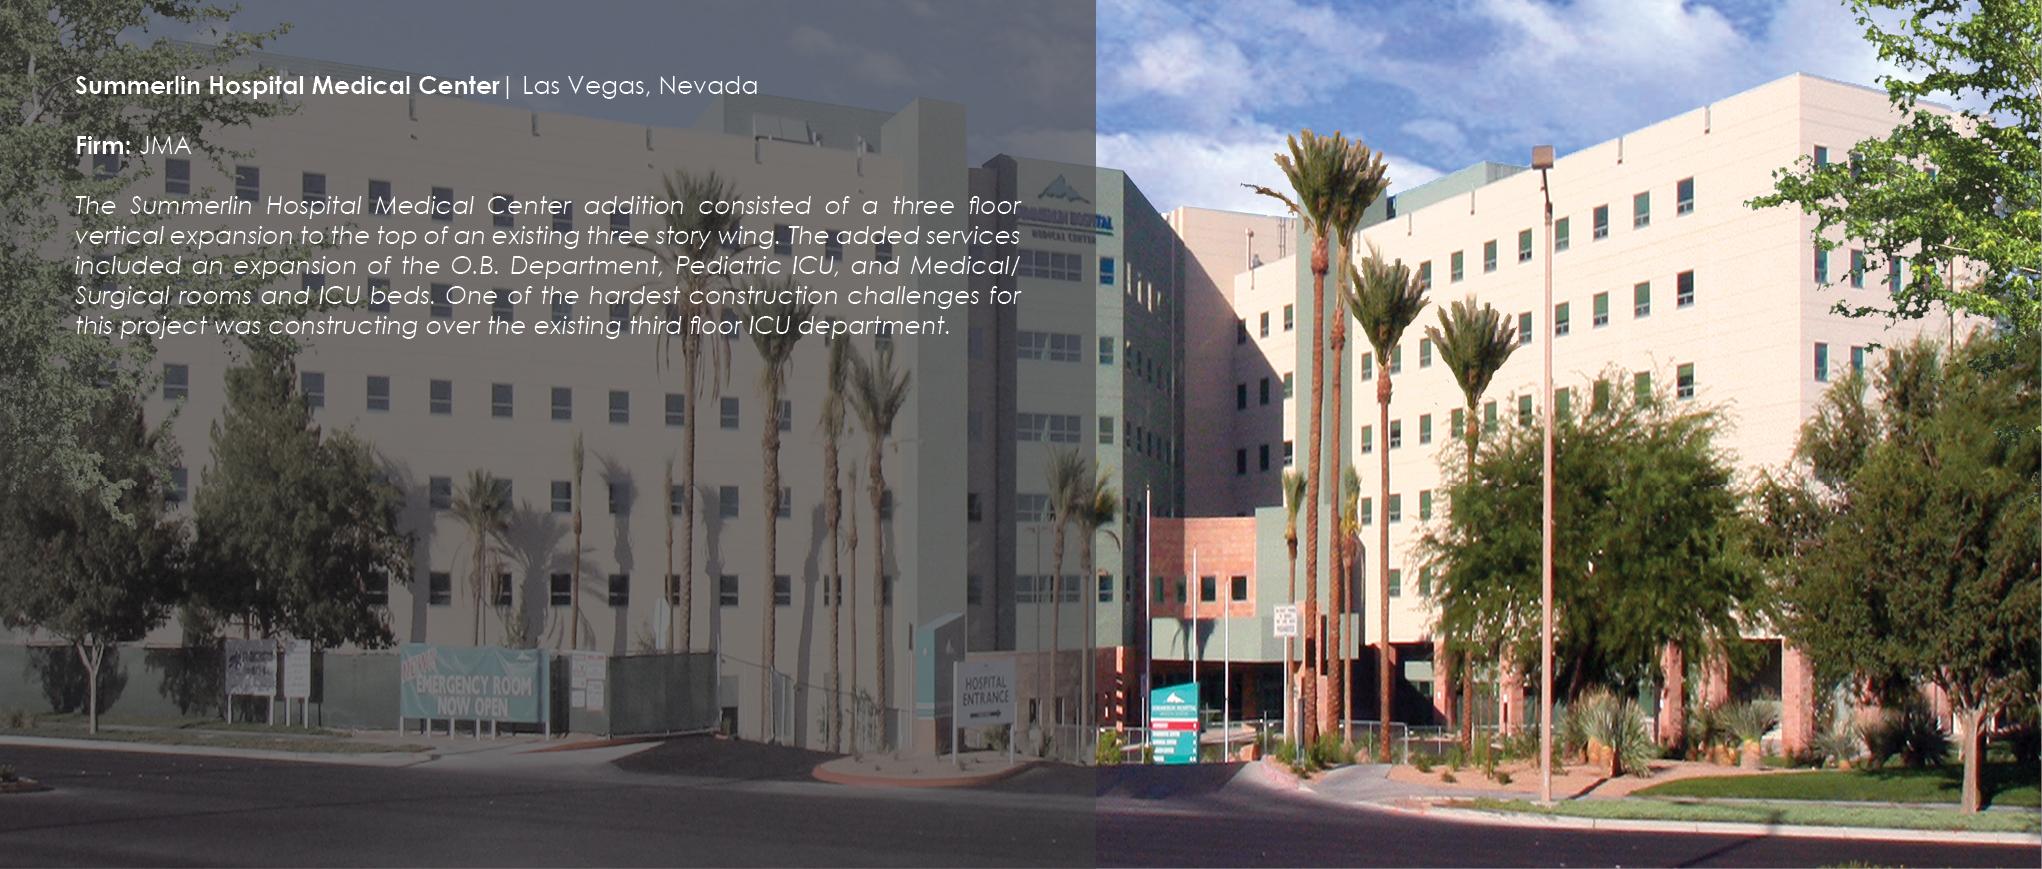 Summerlin Hospital Medical Center